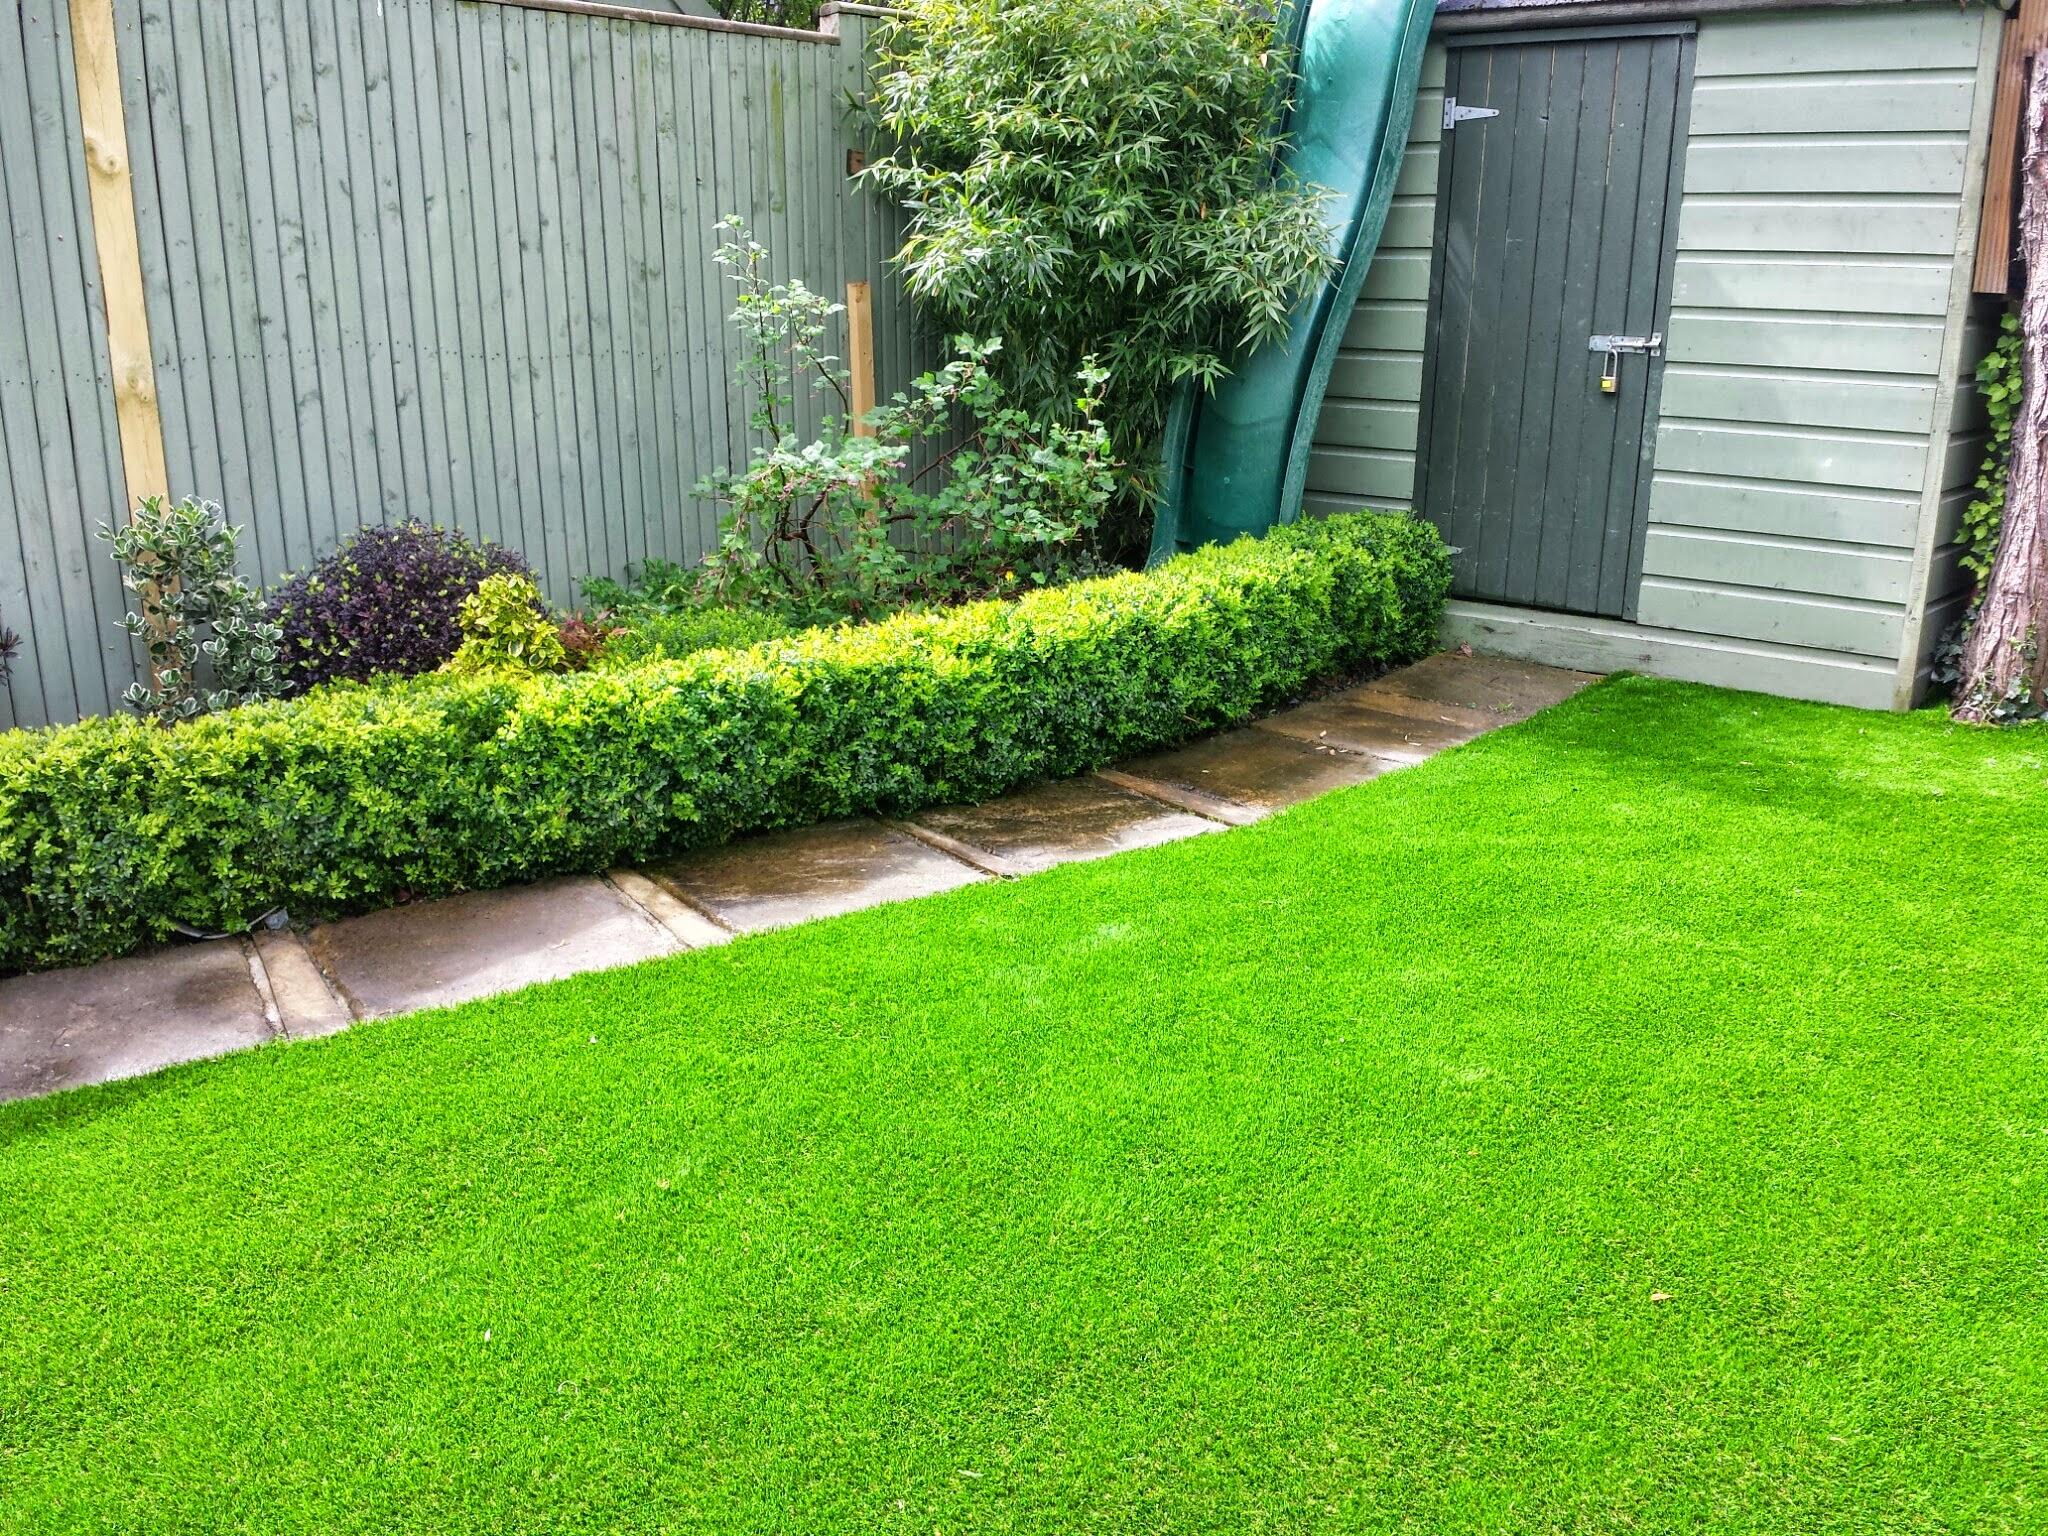 fantastic new TigerTurf Lawn